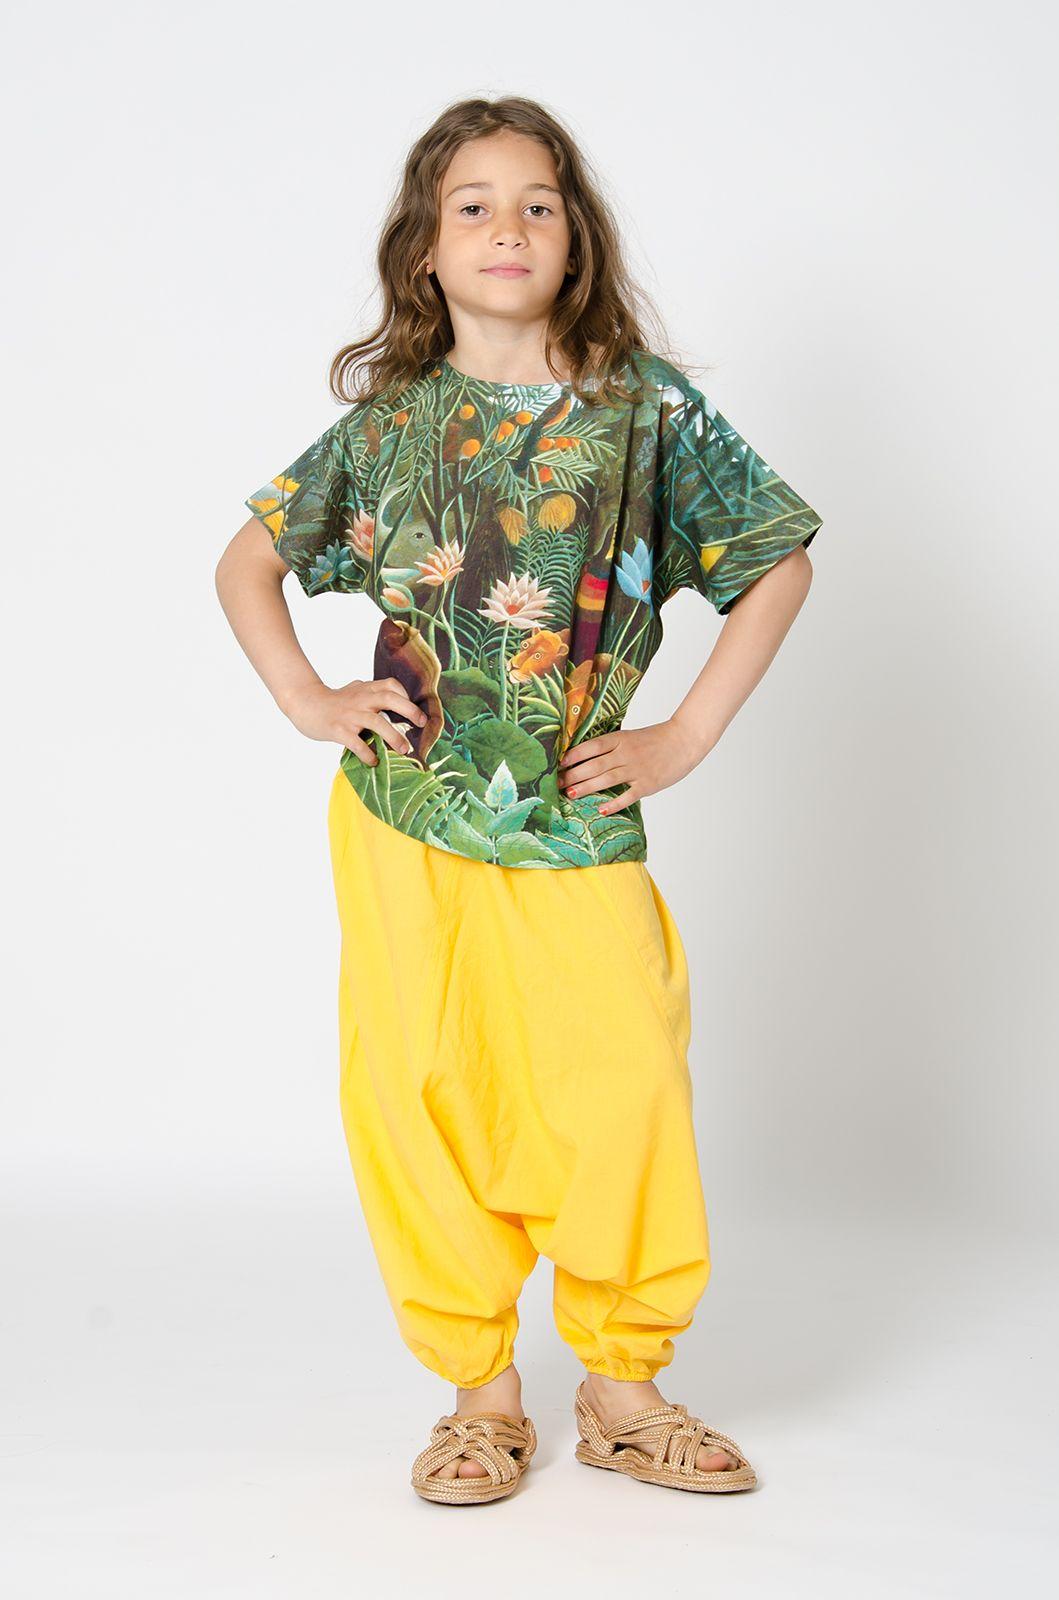 Μαλακό και αεράτο παντελόνι  με ελαστικό τελείωμα   στη μέση και στα πόδια.  Η τέλεια καλοκαιρινή επιλογή  για ανεμπόδιστη κίνηση  και ατελείωτο παιχνίδι!  100% GOTS certified cotton